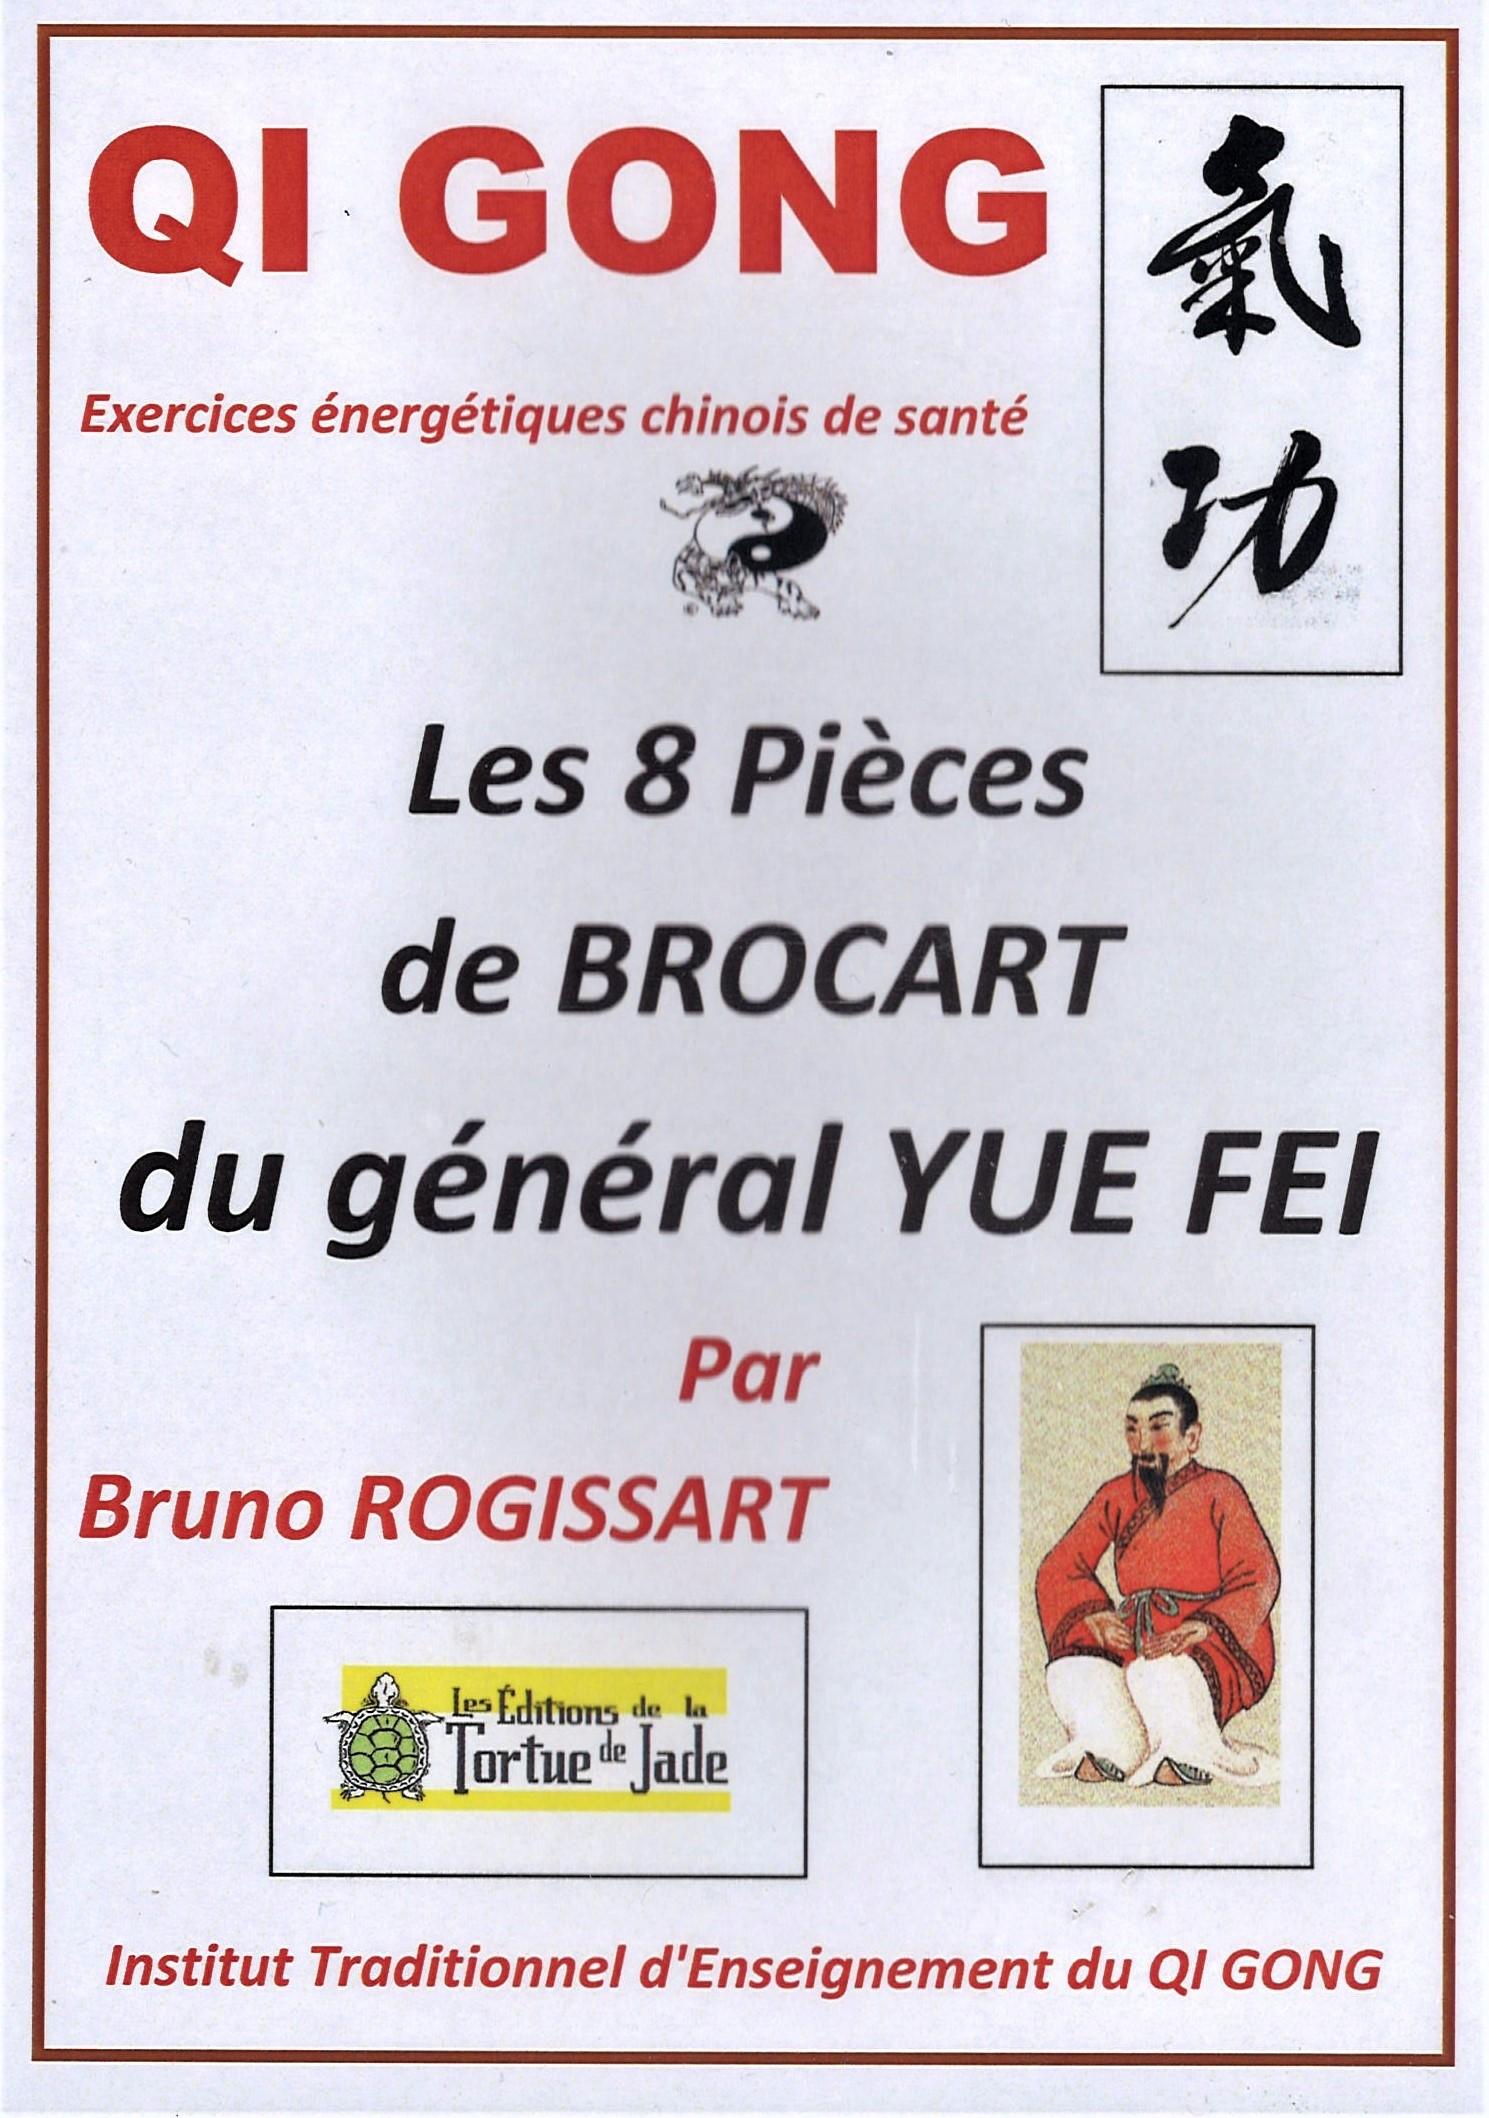 QI GONG Les 8 pièces de Brocart de YUEFEI